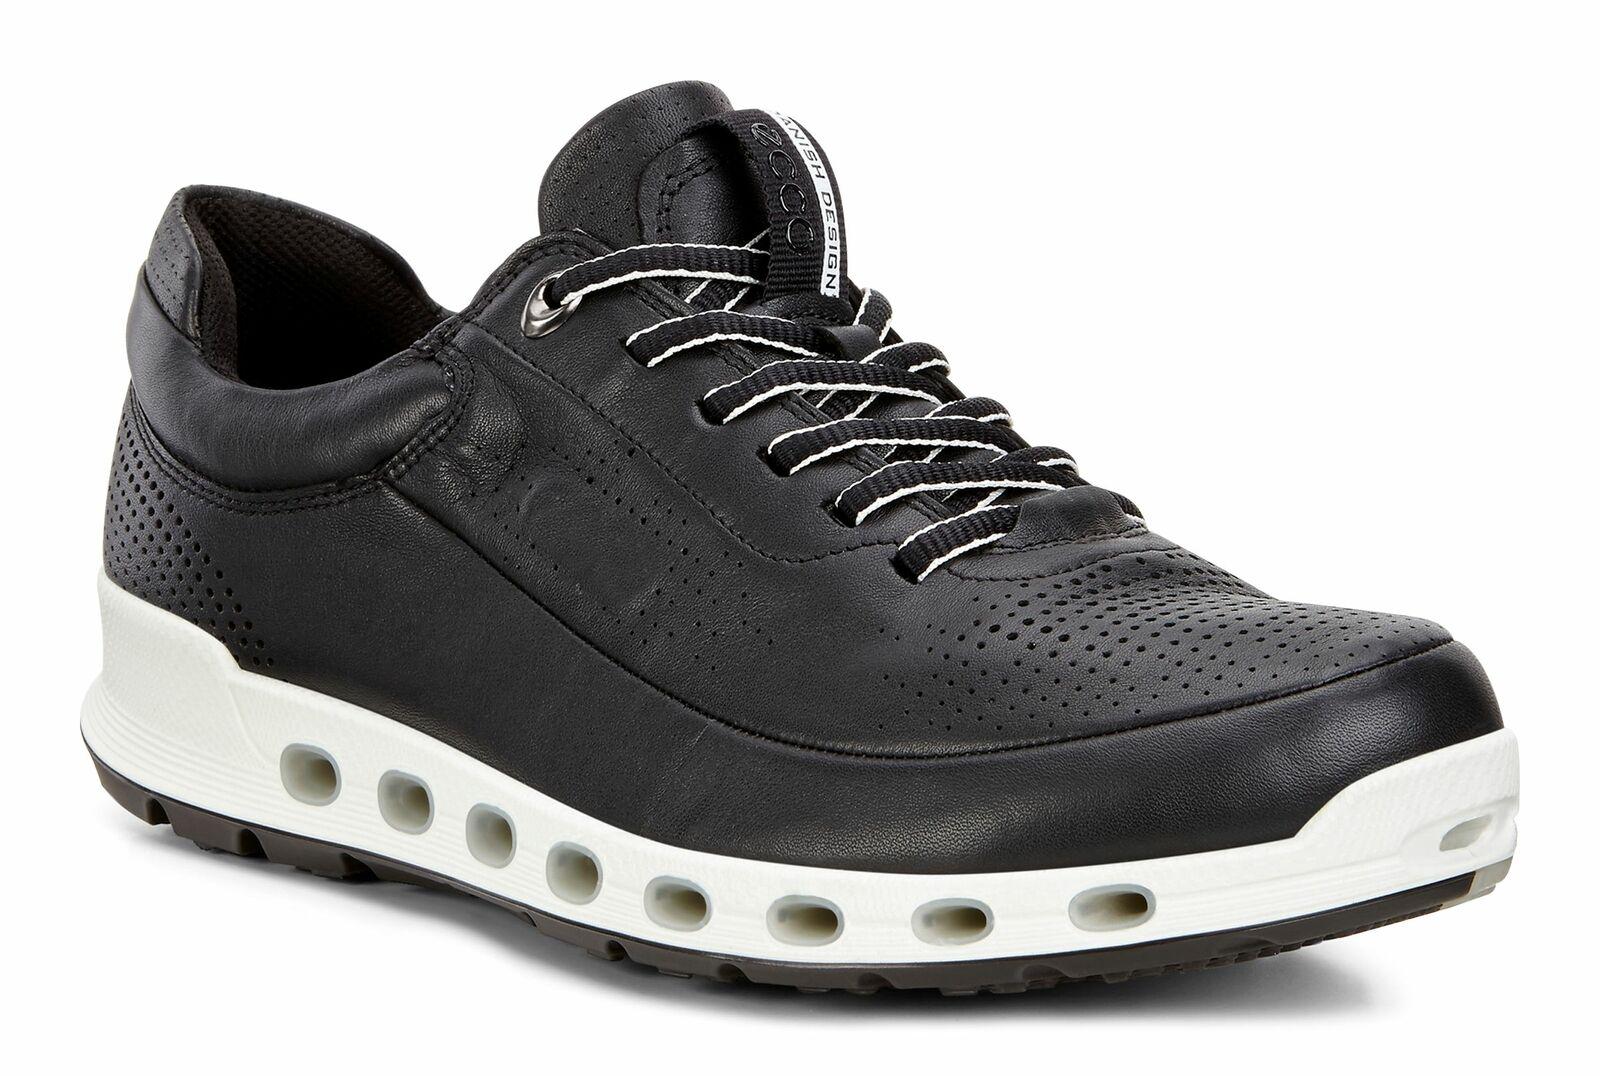 Ecco Cool 2.0 negro Dritton G5 84251401001 Zapatillas Deportivas Zapatos de